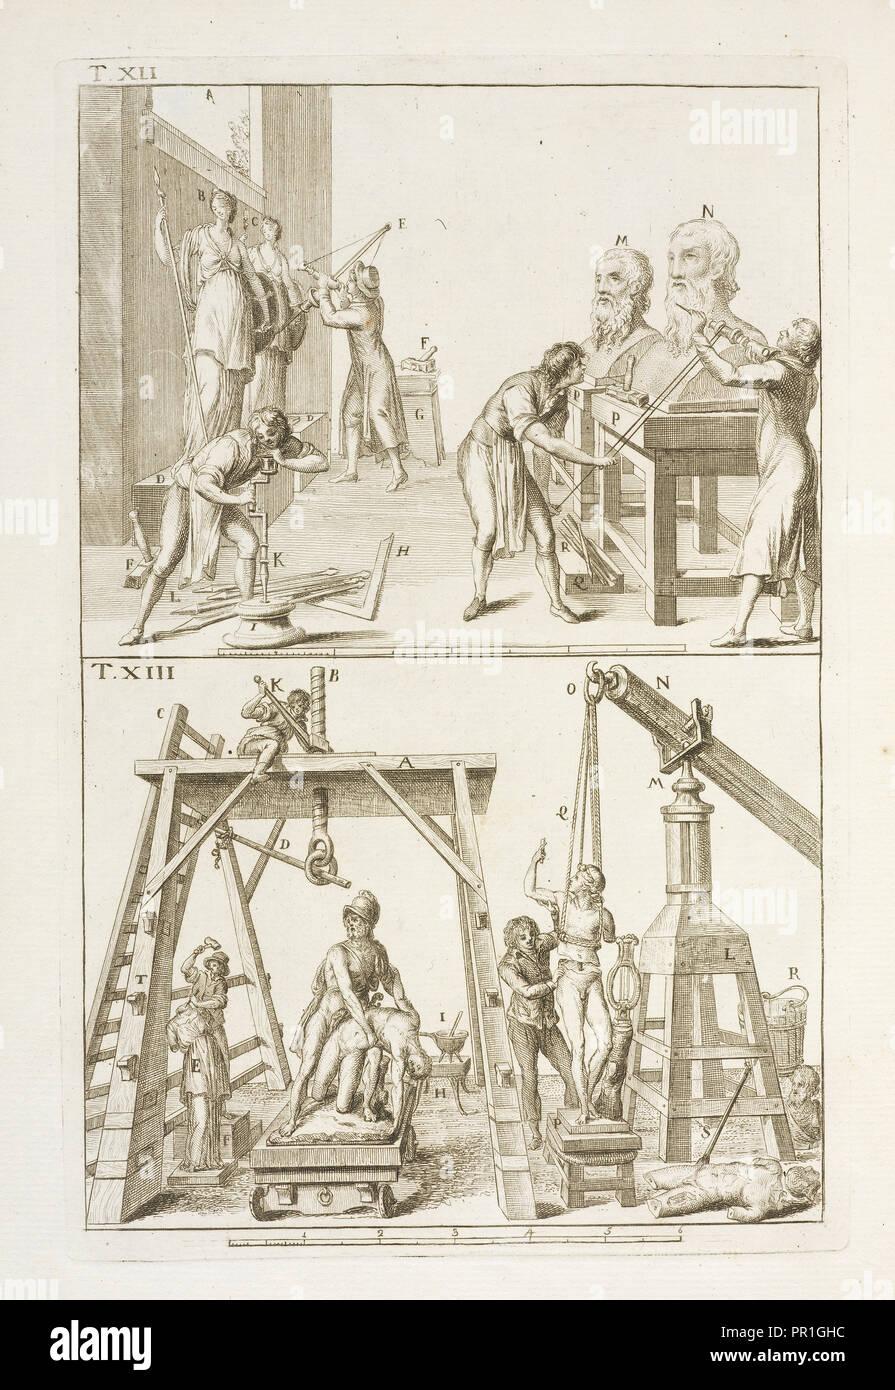 Con istrumenti e lume adattato a simile operazione; tavola XIII nella quale vien dimostrato alcune porzioni di sculture - Stock Image